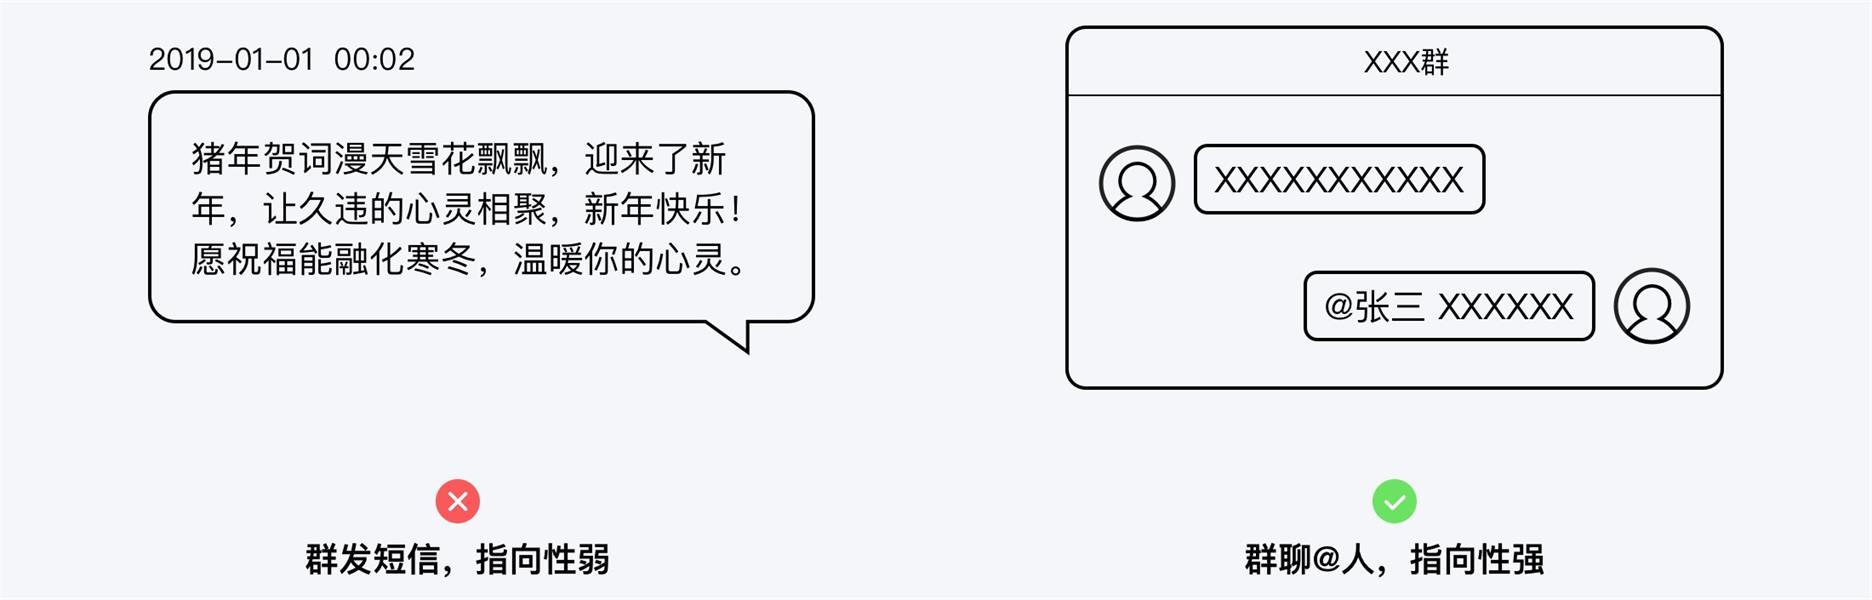 大家都在用的「点赞」功能还能怎么创新? 腾讯顶尖设计团队给了这个答案!